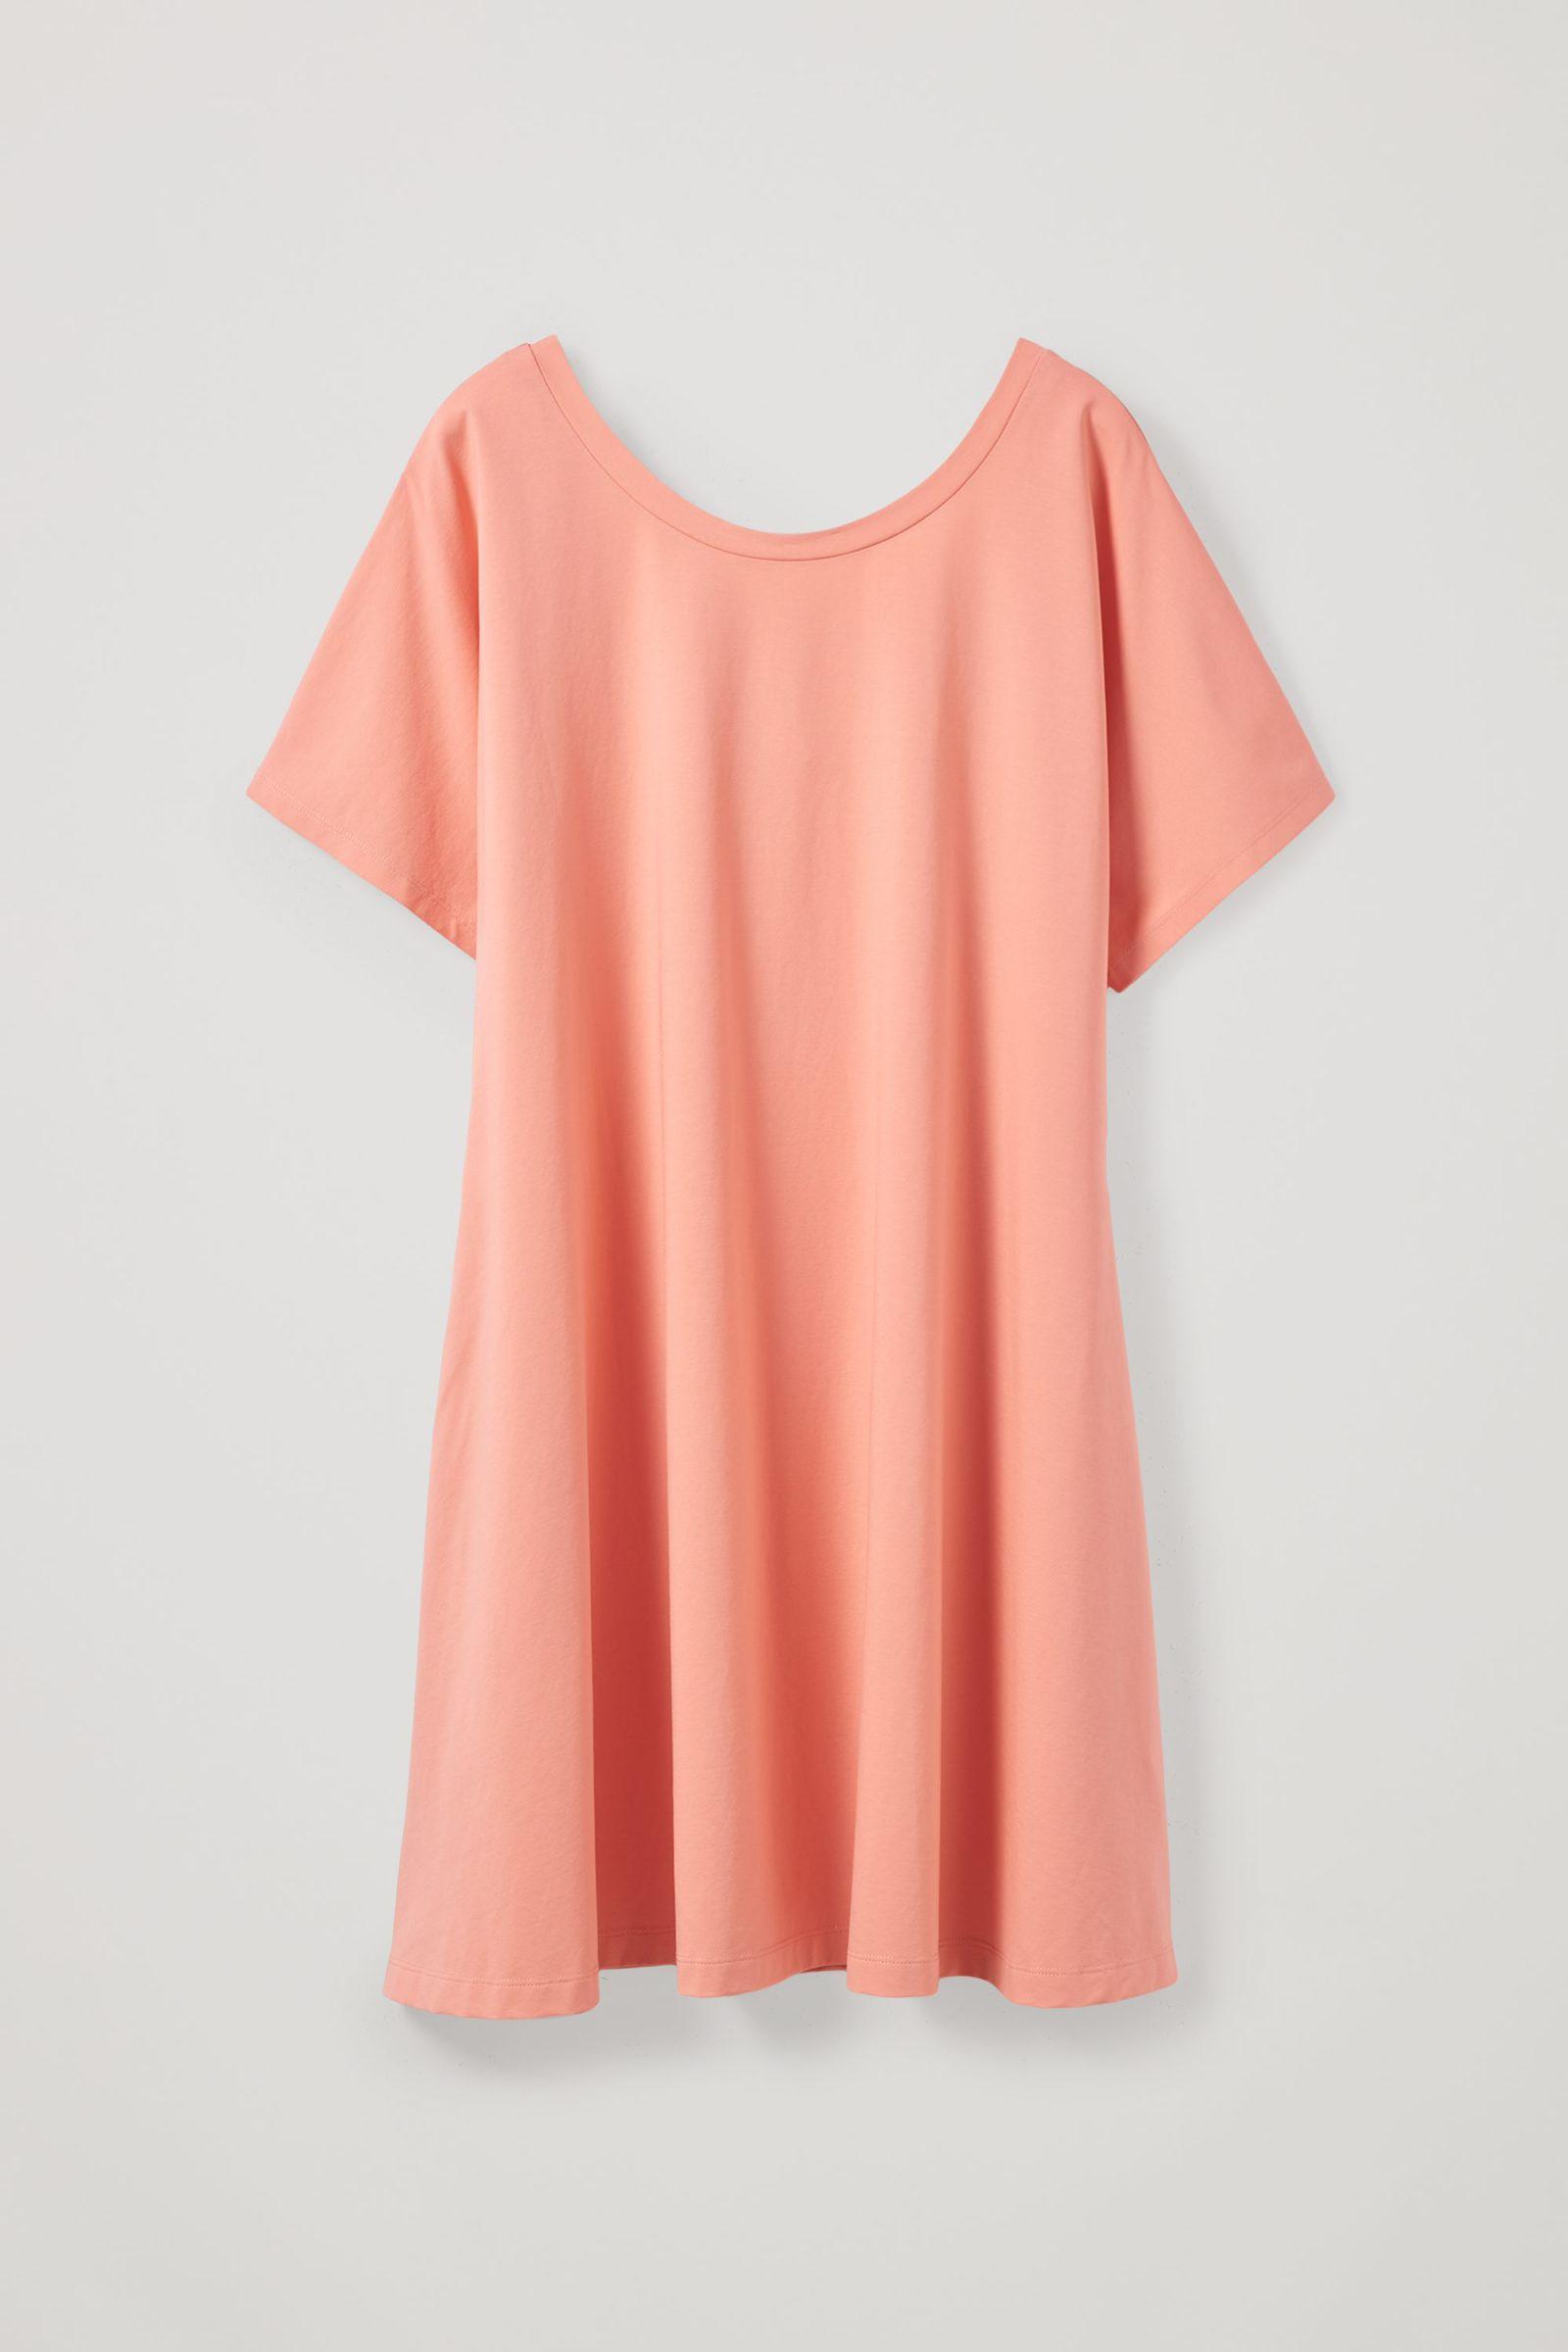 COS A라인 코튼 드레스의 핑크컬러 Product입니다.